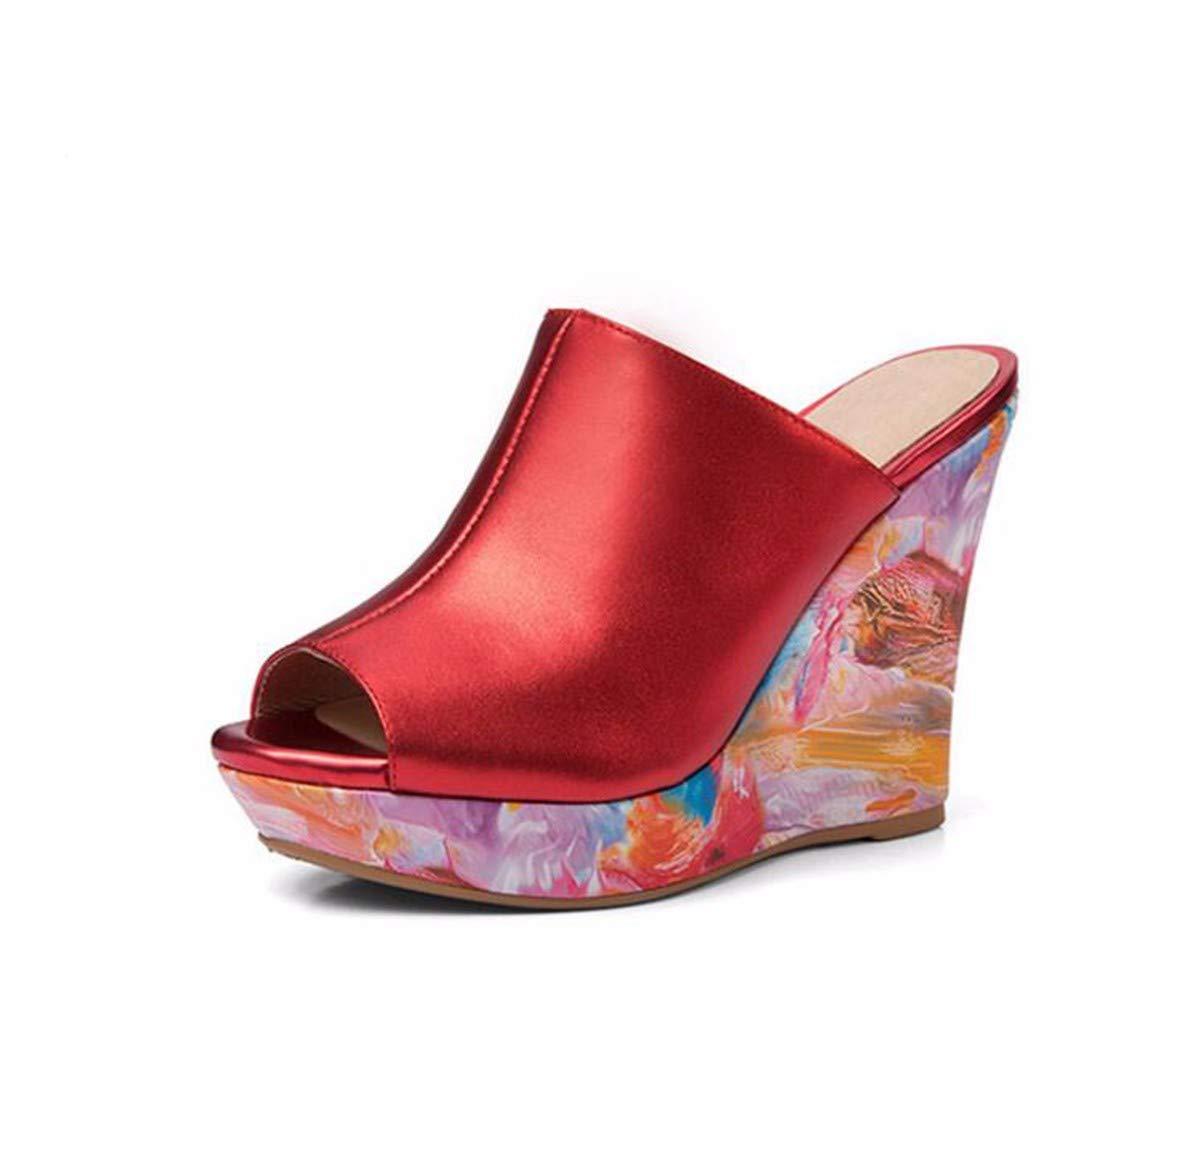 KPHY Damenschuhe Elegant Slope-Pantoffeln Dicke Sommer Sole Wasserdicht Leder-Slipper 11Cm High-Heel 37 Grüne